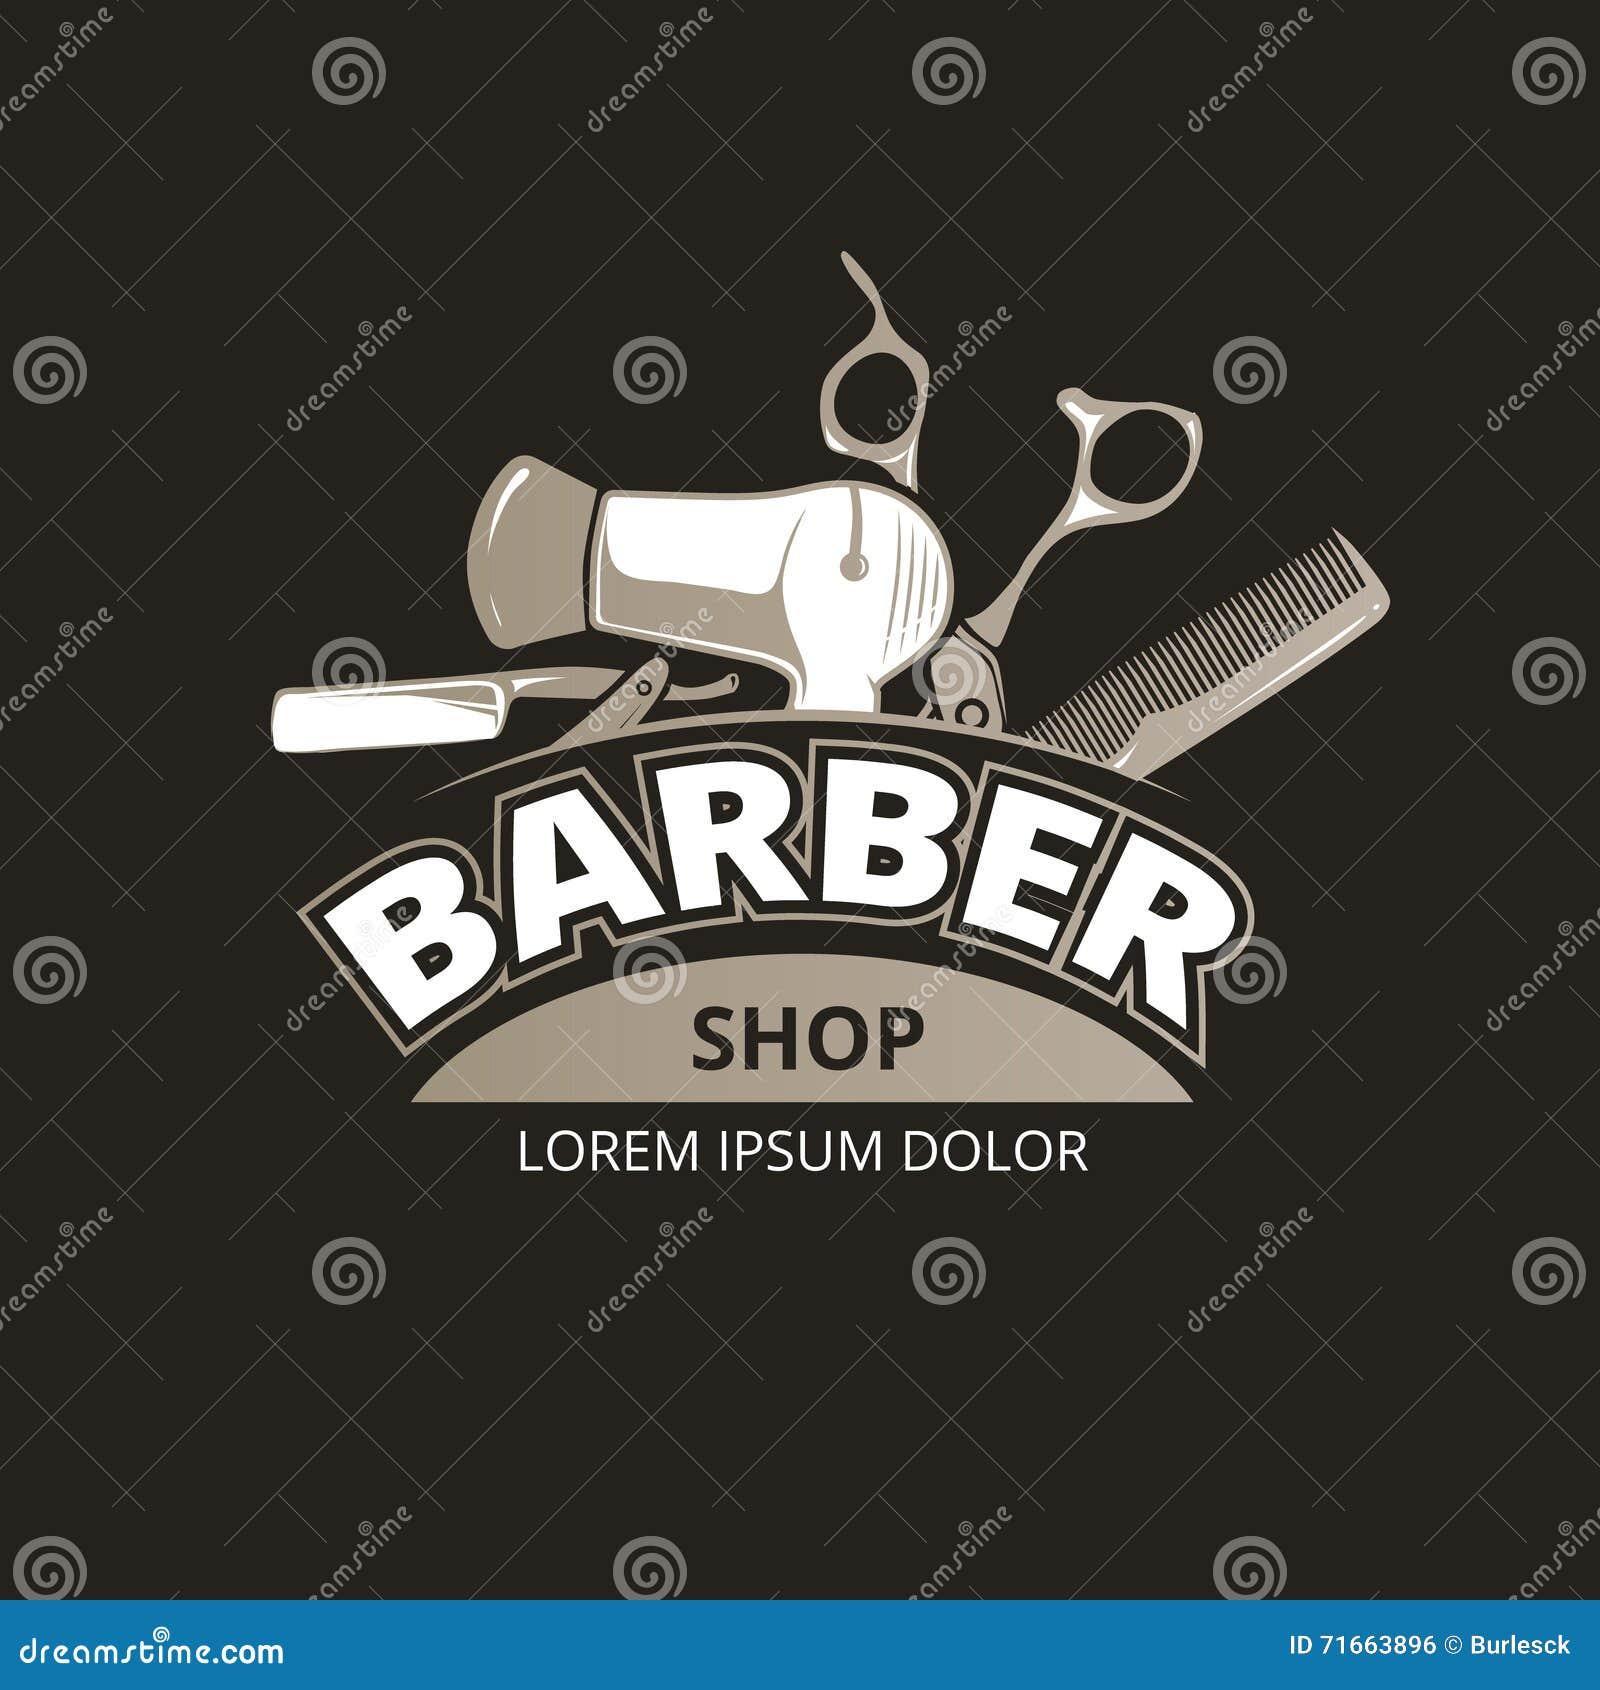 barber background-#24